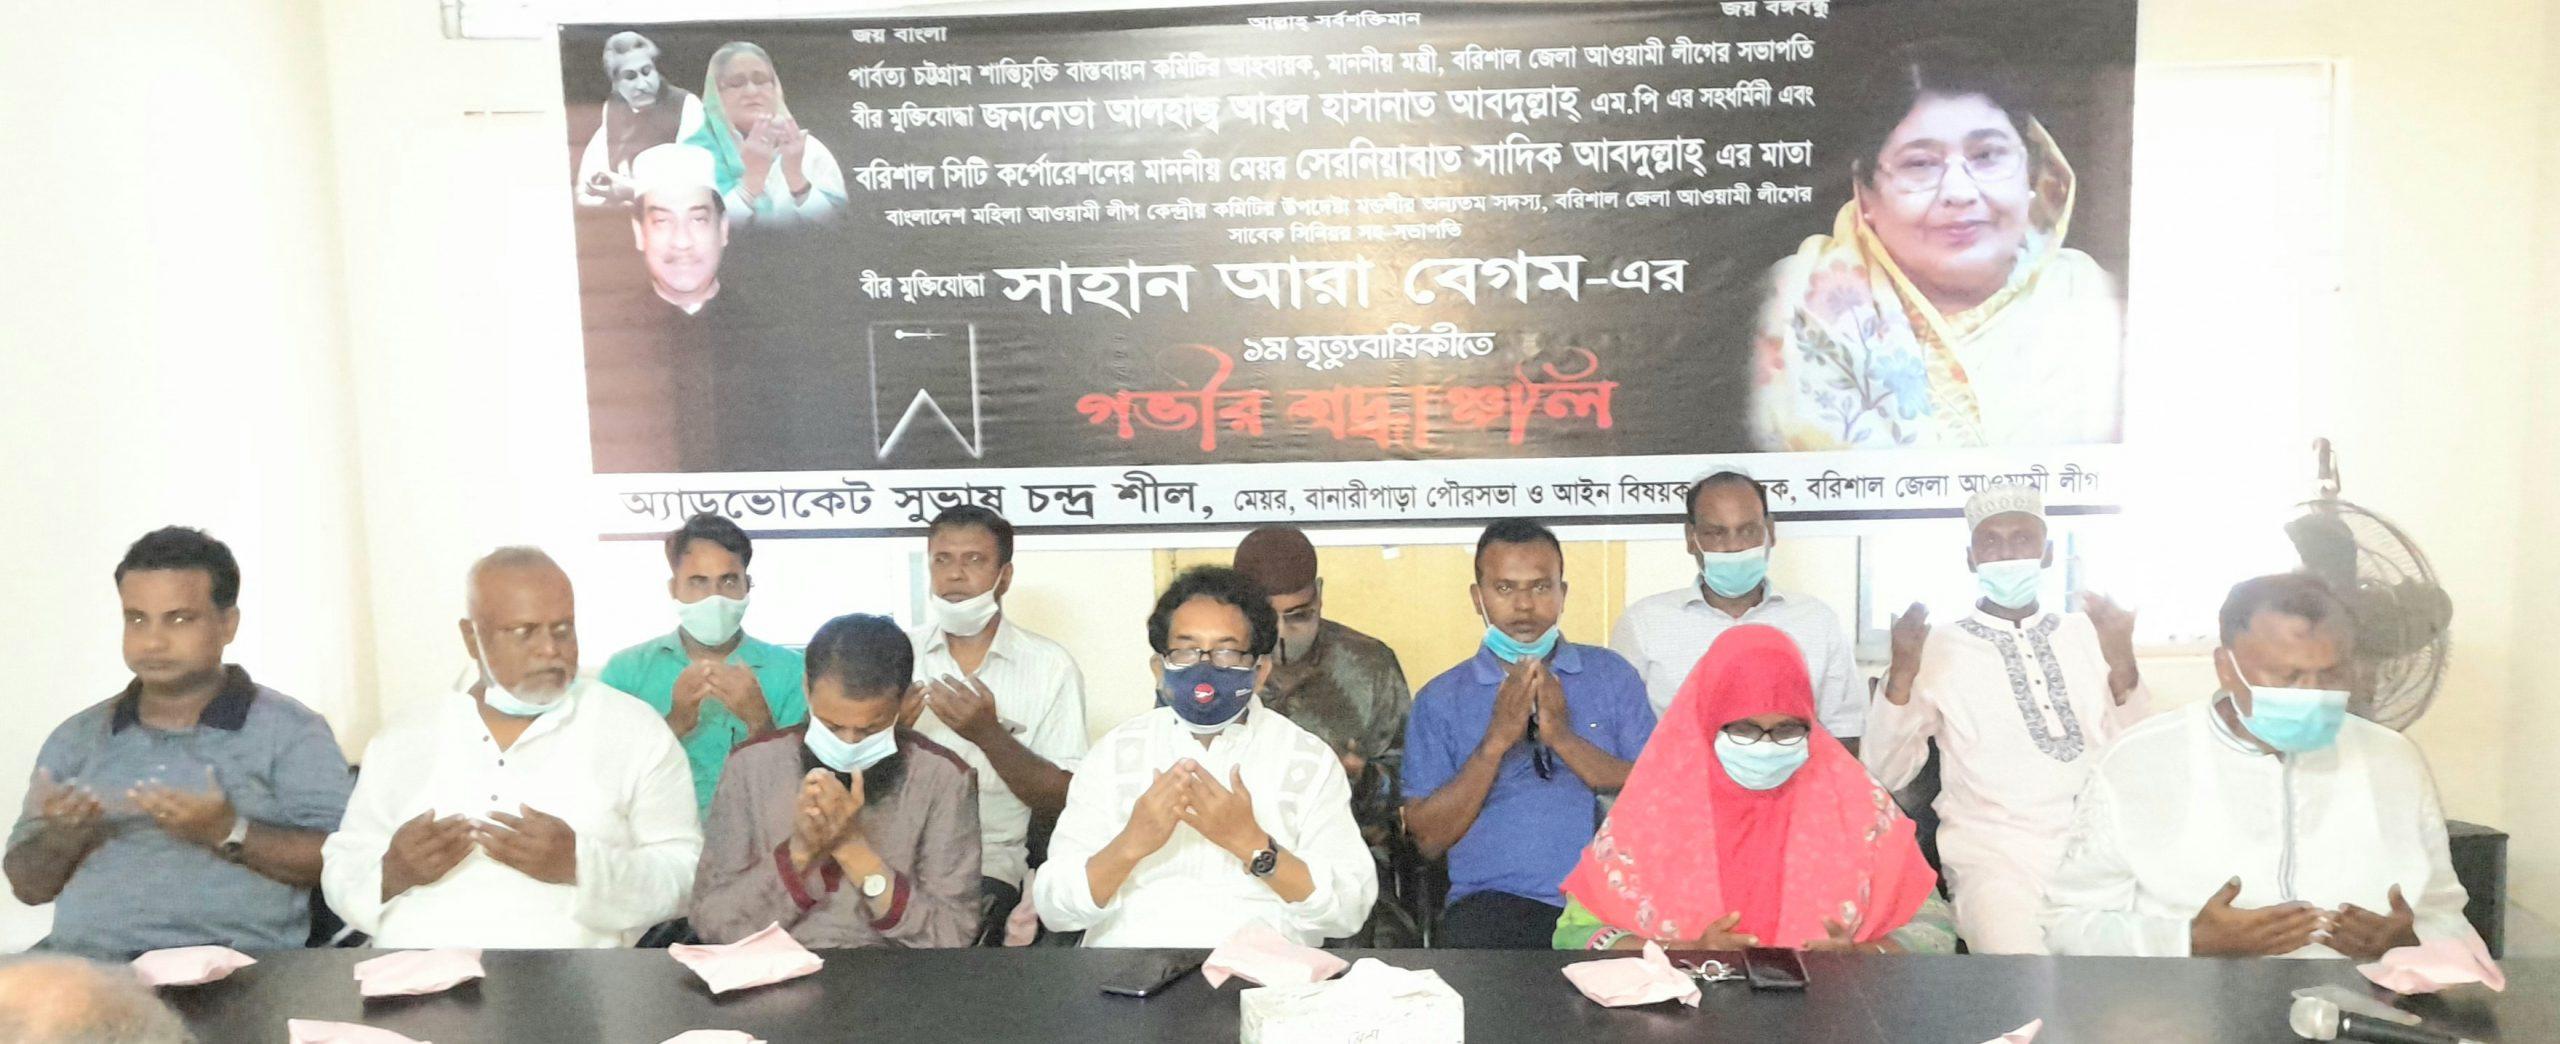 বানারীপাড়ায় পৌর মেয়রের উদ্যোগে শহীদ জননী শাহান-আরা বেগমের স্মরণসভা ও দোয়া-মিলাদ অনুষ্ঠিত